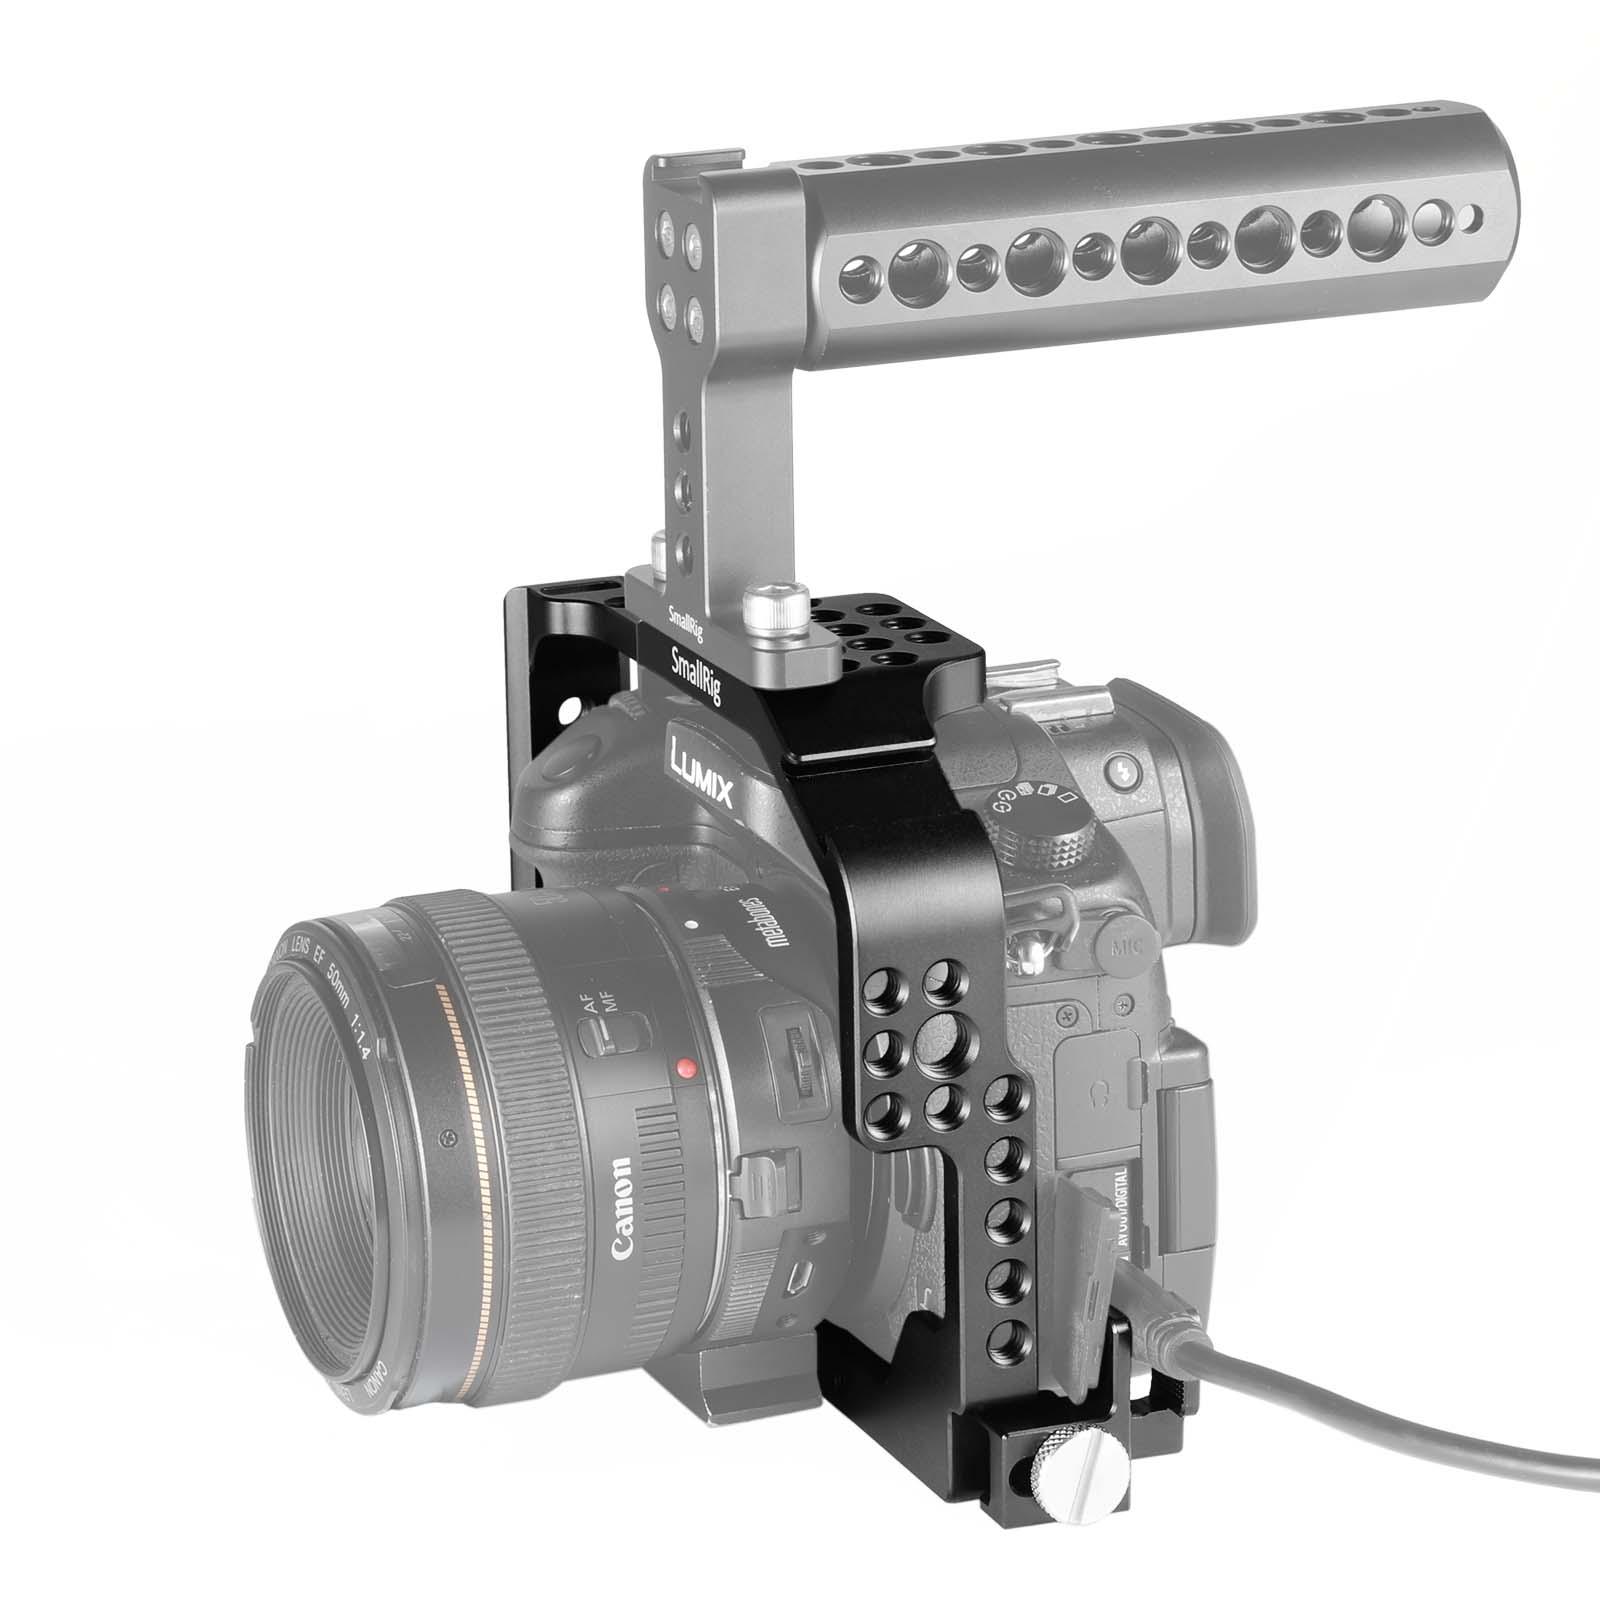 Smallrig Panasonic Gh4 Gh3 Cage For Lumix Dmc Gh3sony Wasabi Blf19 Battery Kit Gh5 Items Description